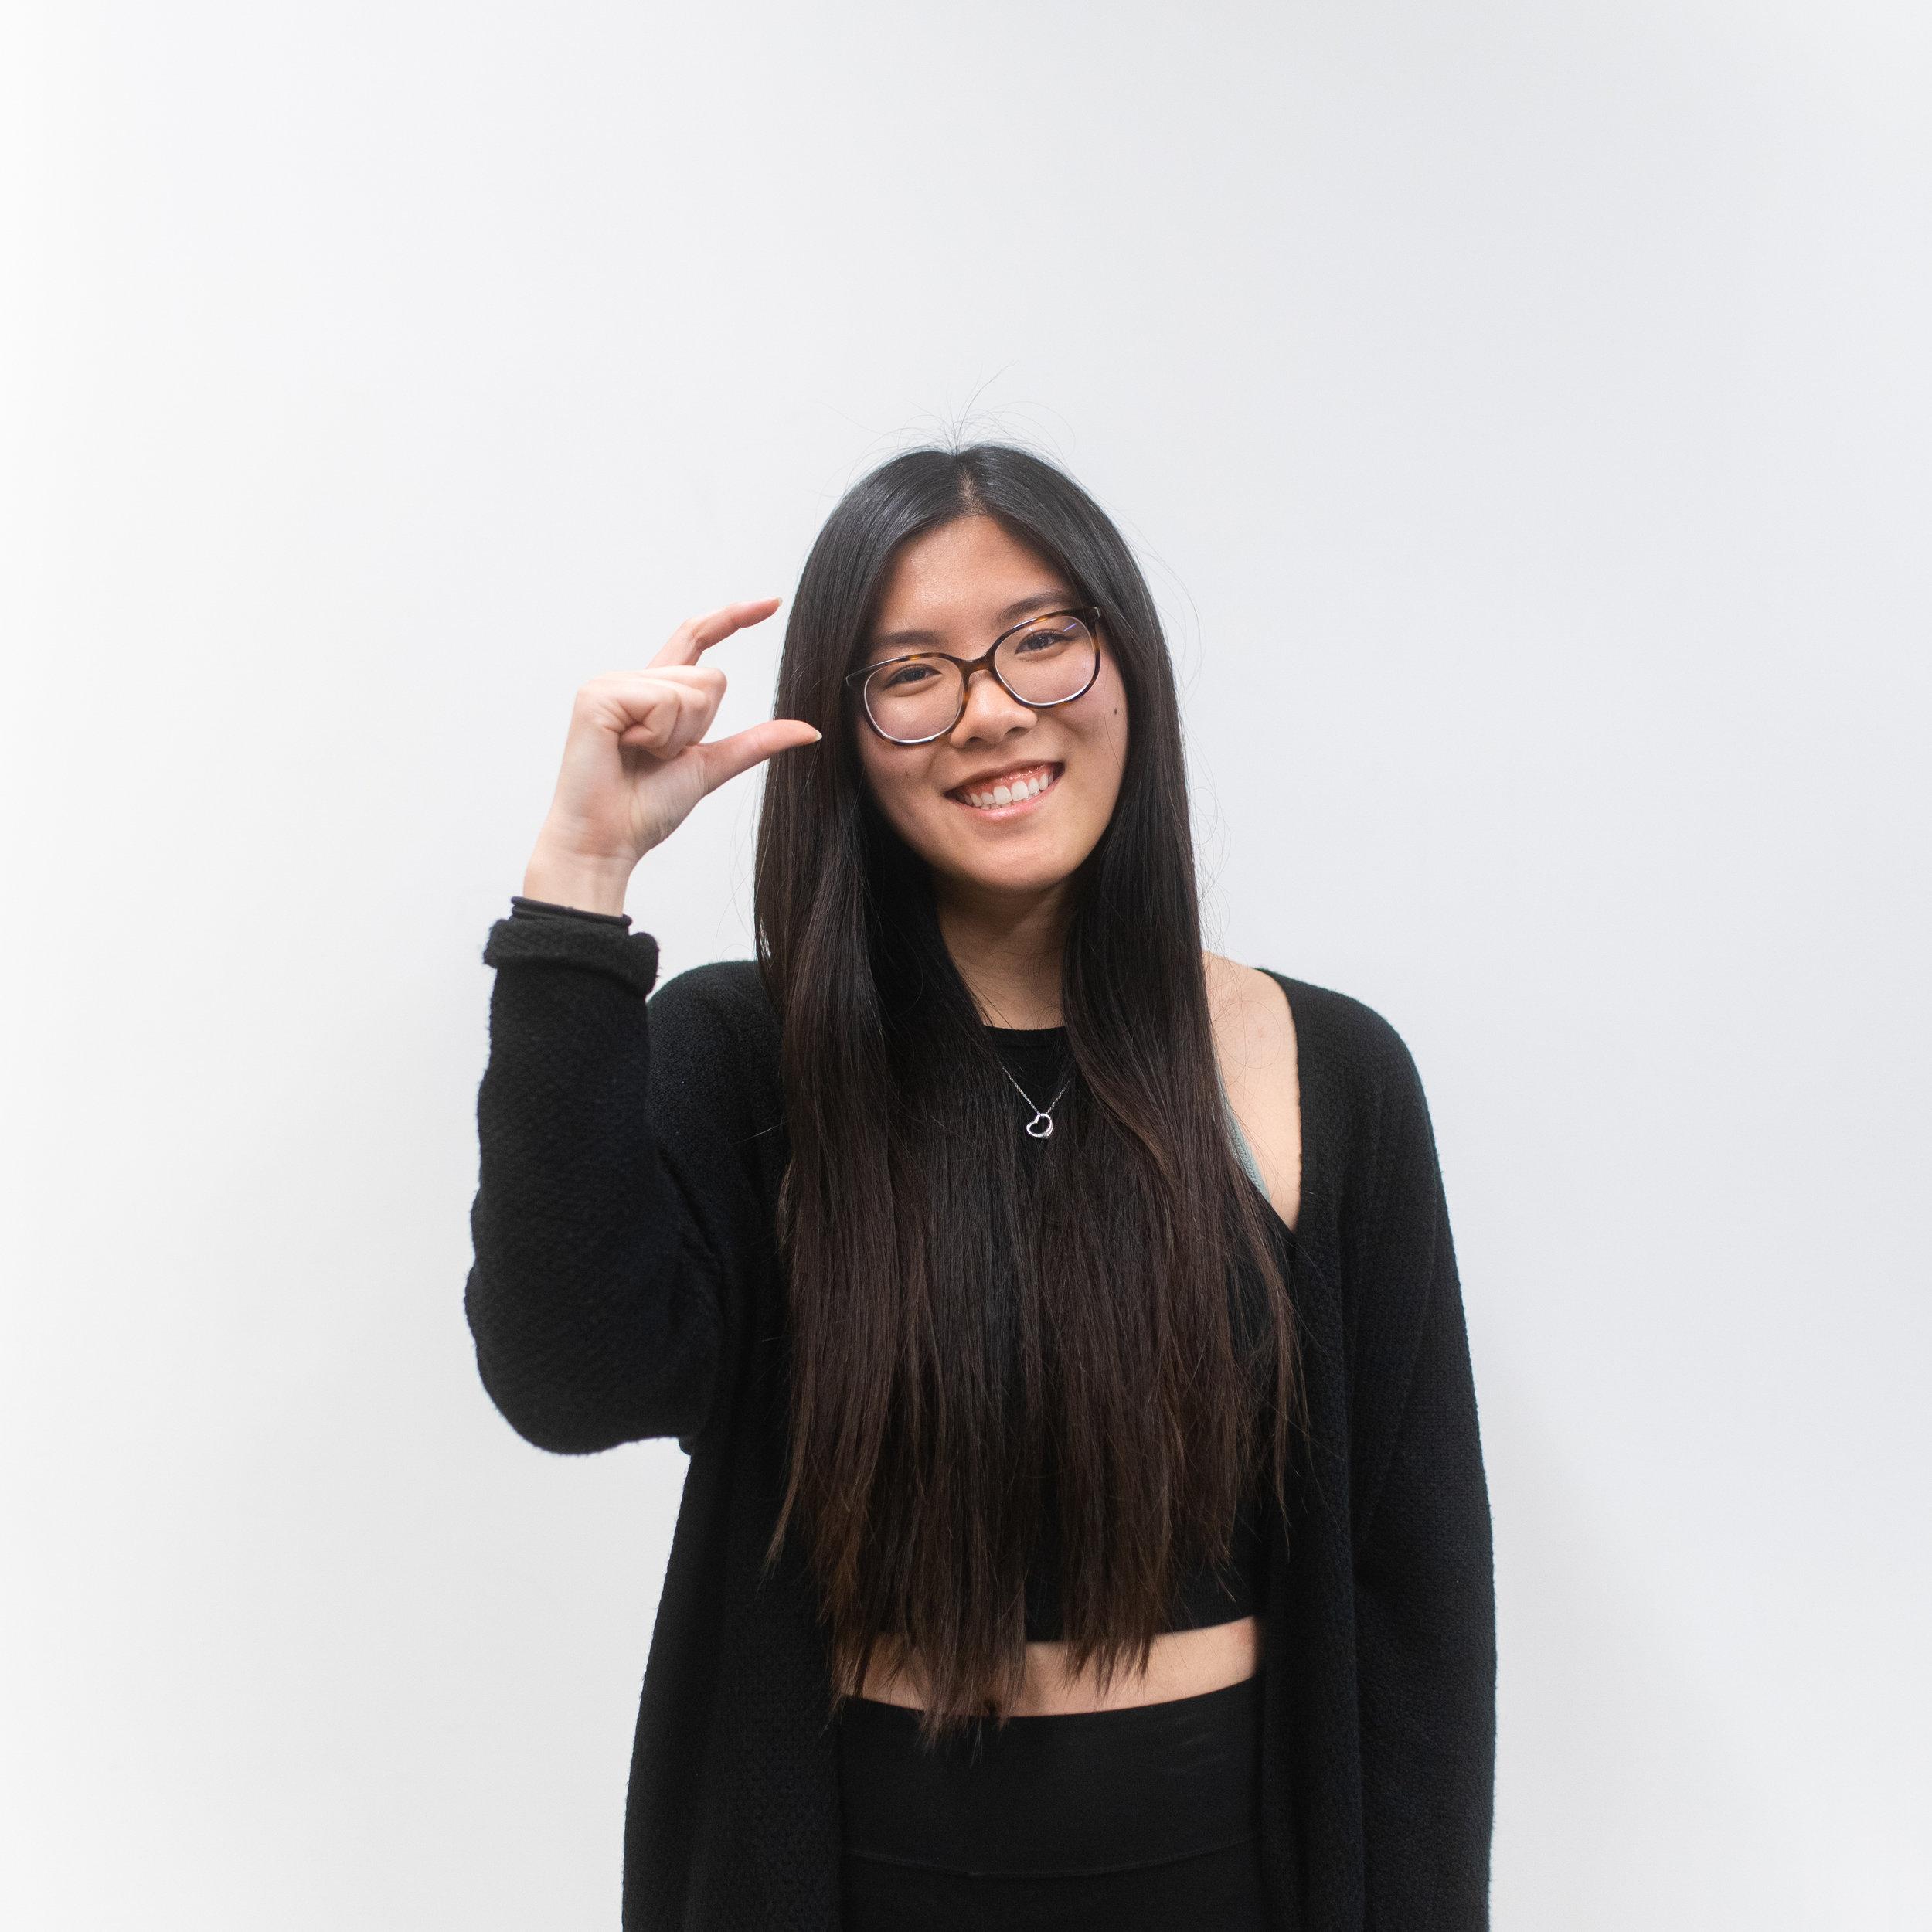 Jessie Nguyen